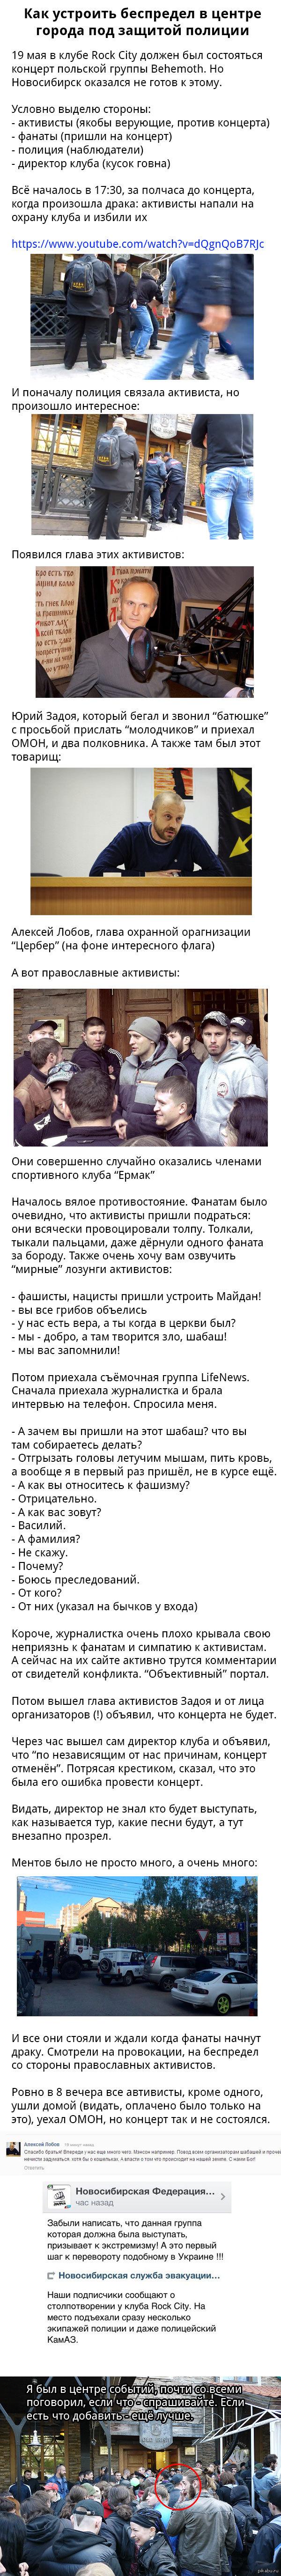 Концерт полькой дэз-метал группы Behemoth в Новосибирске отменили, прикрываясь верой и моралью. Но моралью там даже и не пахло. Мой отчёт с места событий.  ссылка на видео https://www.youtube.com/watch?v=dQgnQoB7RJc